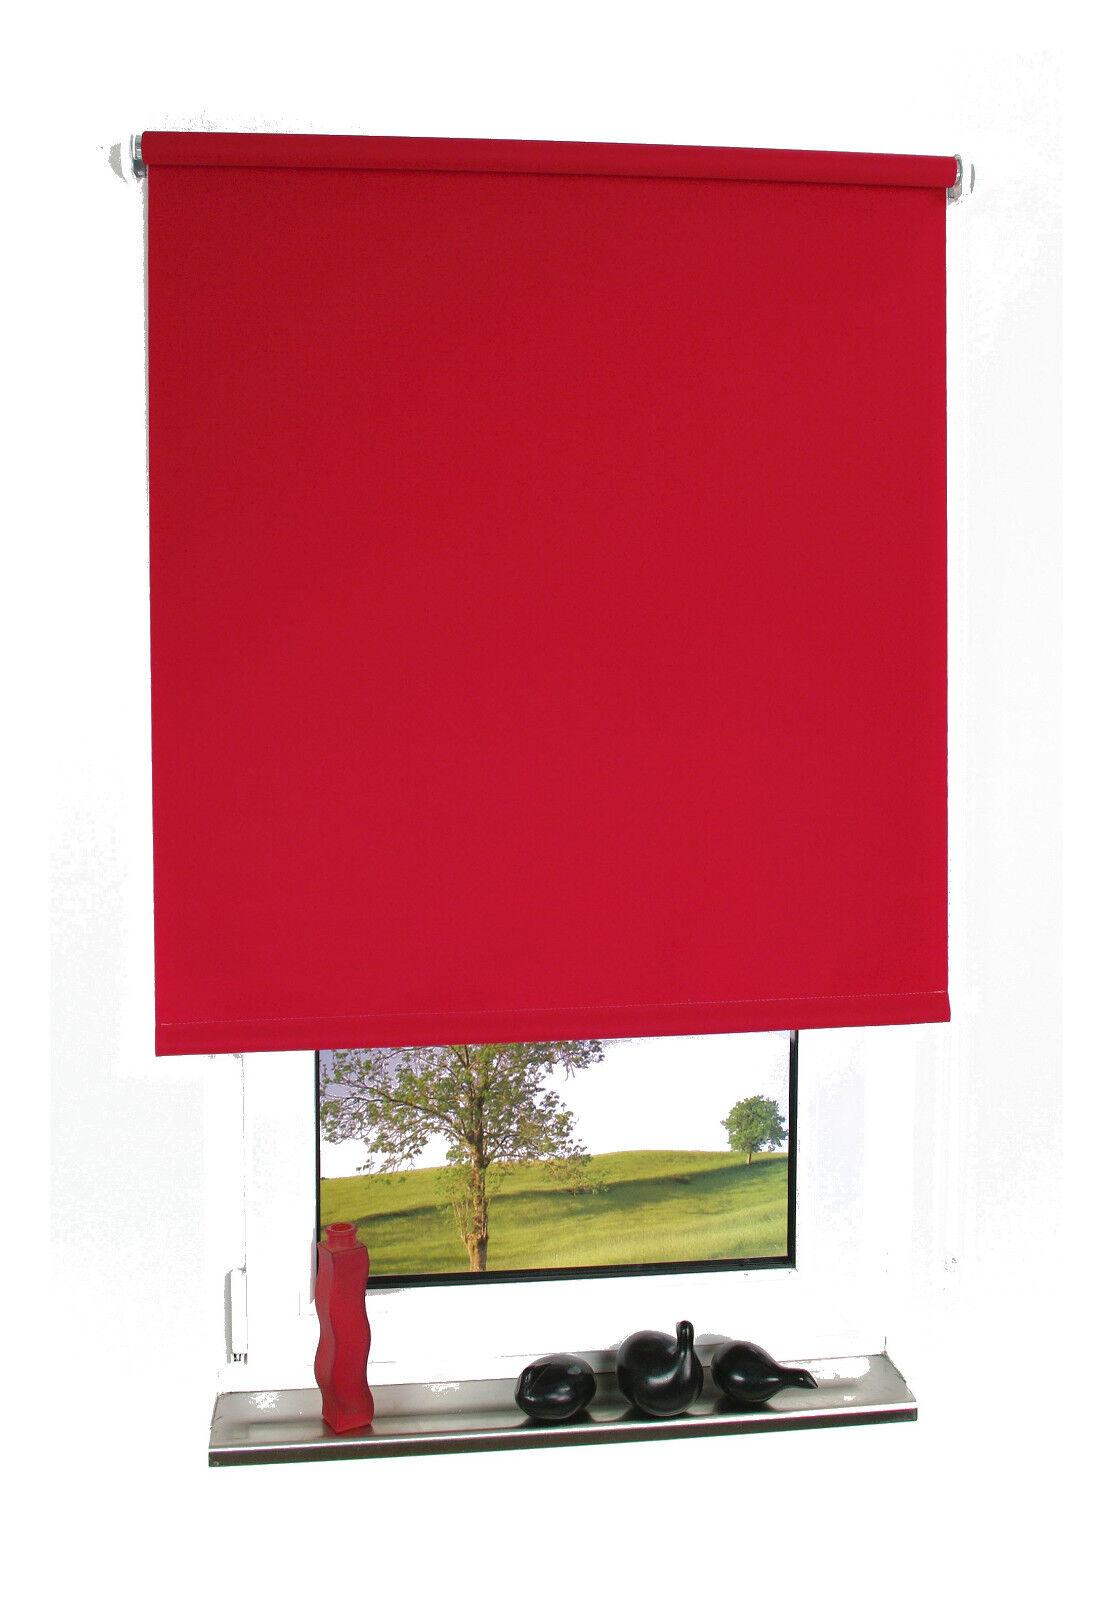 Kettenzugrollo Rot Seitenzugrollo Tür Fensterrollo Sichtschutz Deko